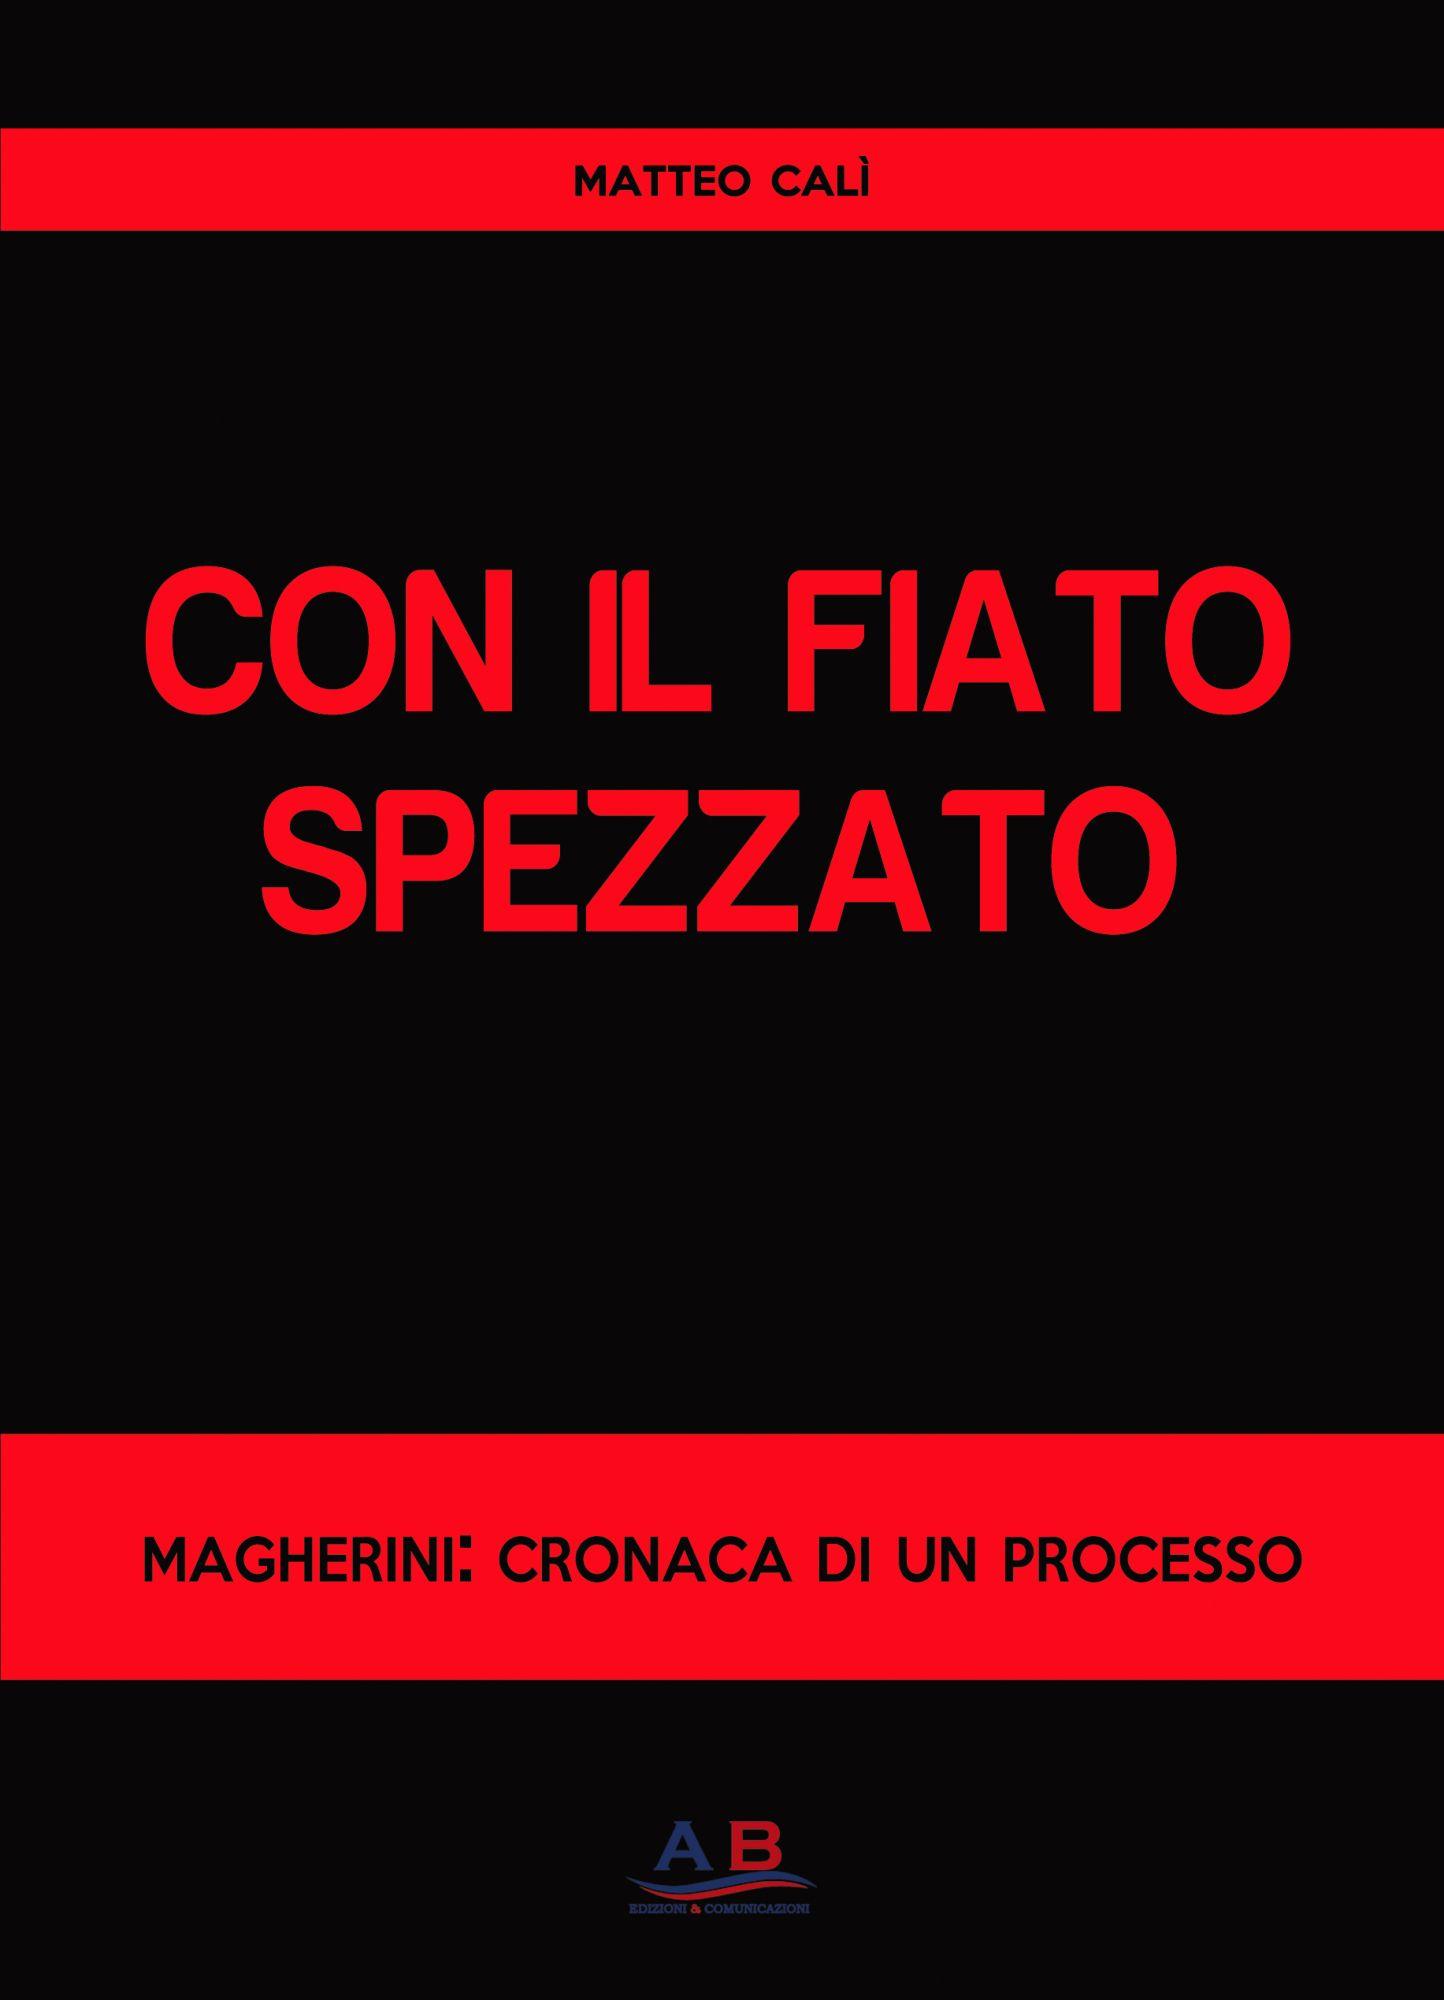 Con il fiato spezzato, esce il libro del collega Matteo Calì sul processo Magherini